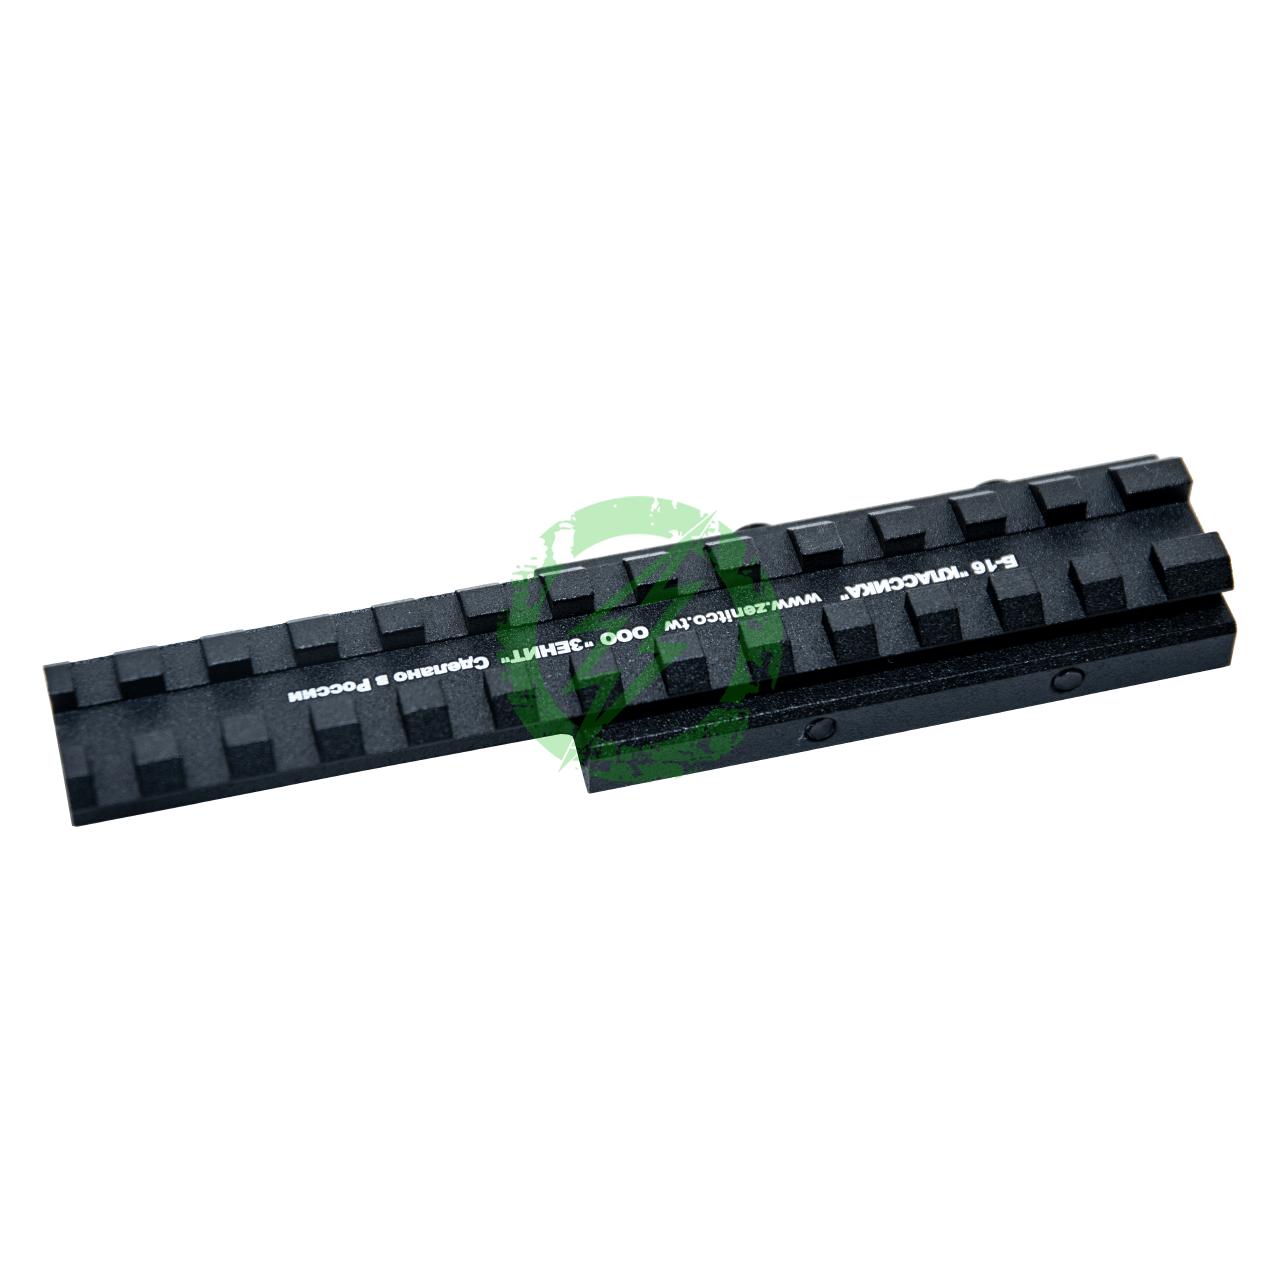 LCT Z-Series B-16 Rail Extend | Black